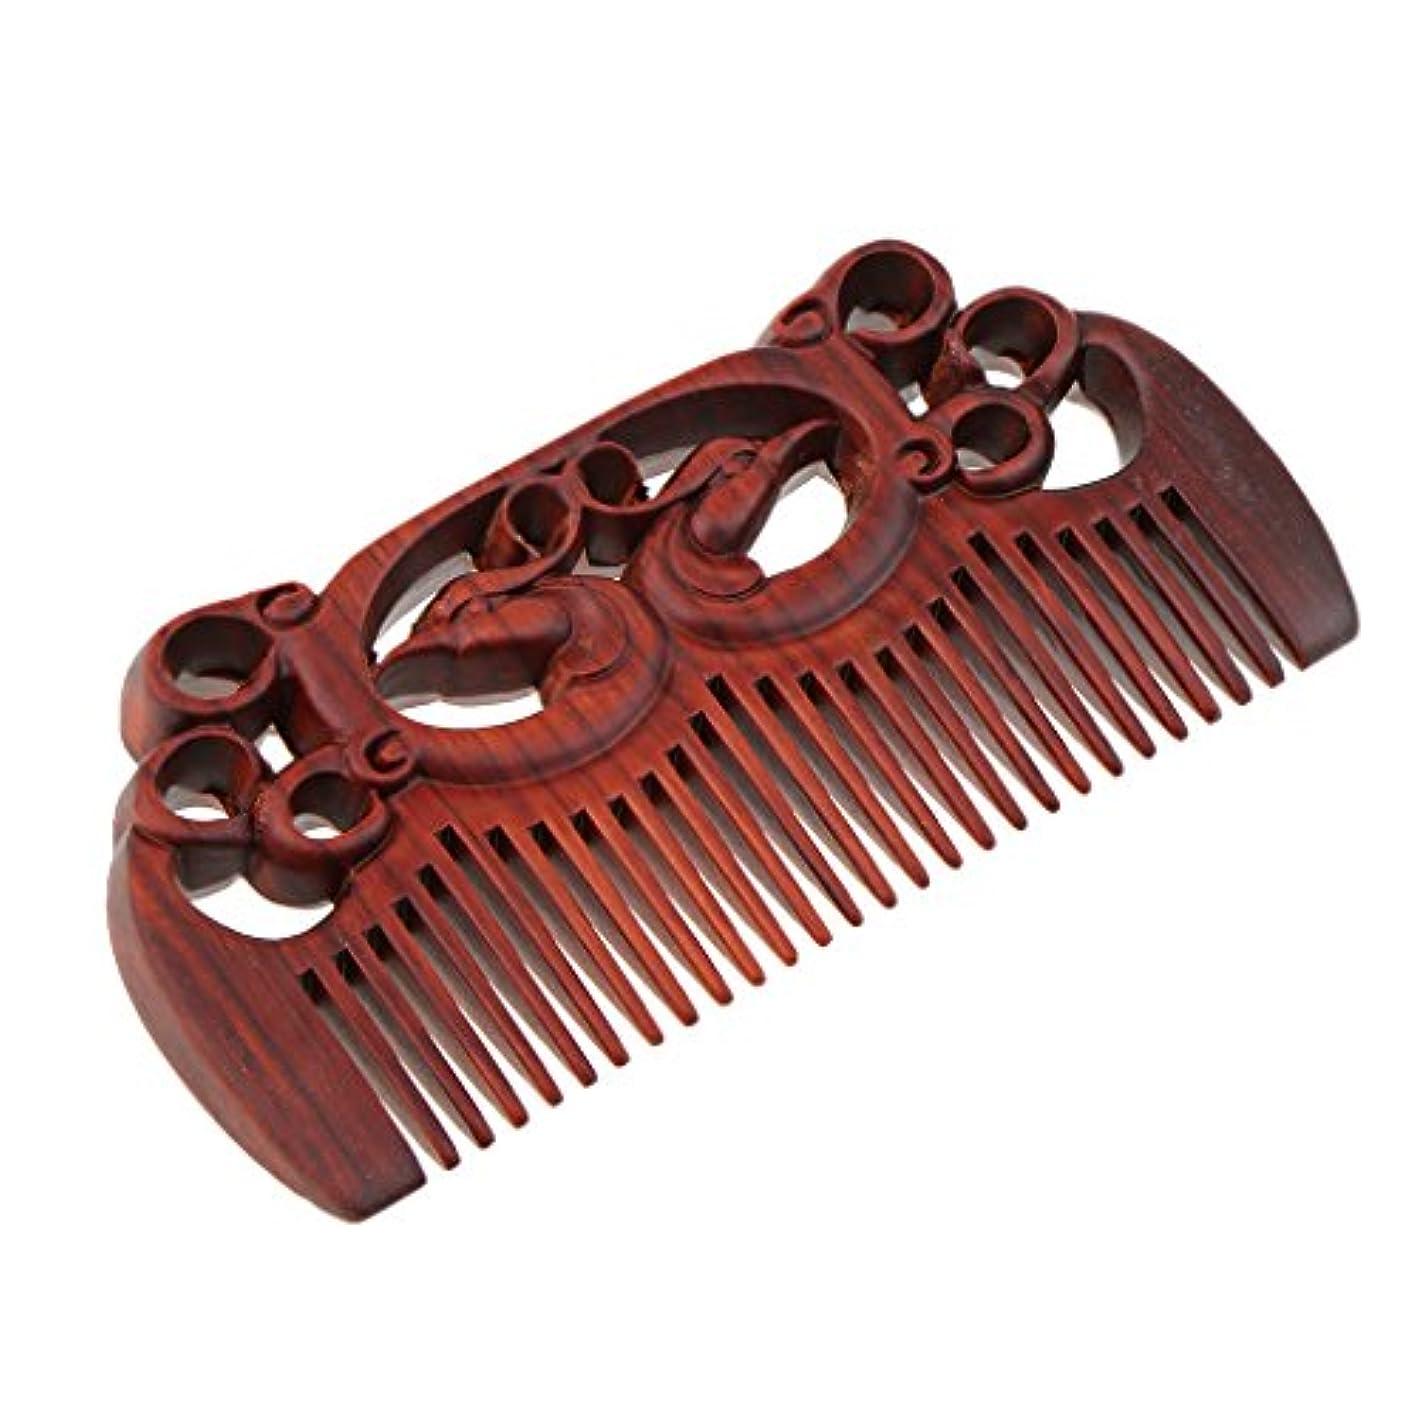 パステルディンカルビル明らかにKesoto ナチュラル ウッドコーム 木製コーム 頭皮マッサージ ワイド歯 ヘアブラシ ヘアスタイリング  2タイプ選べる - #1